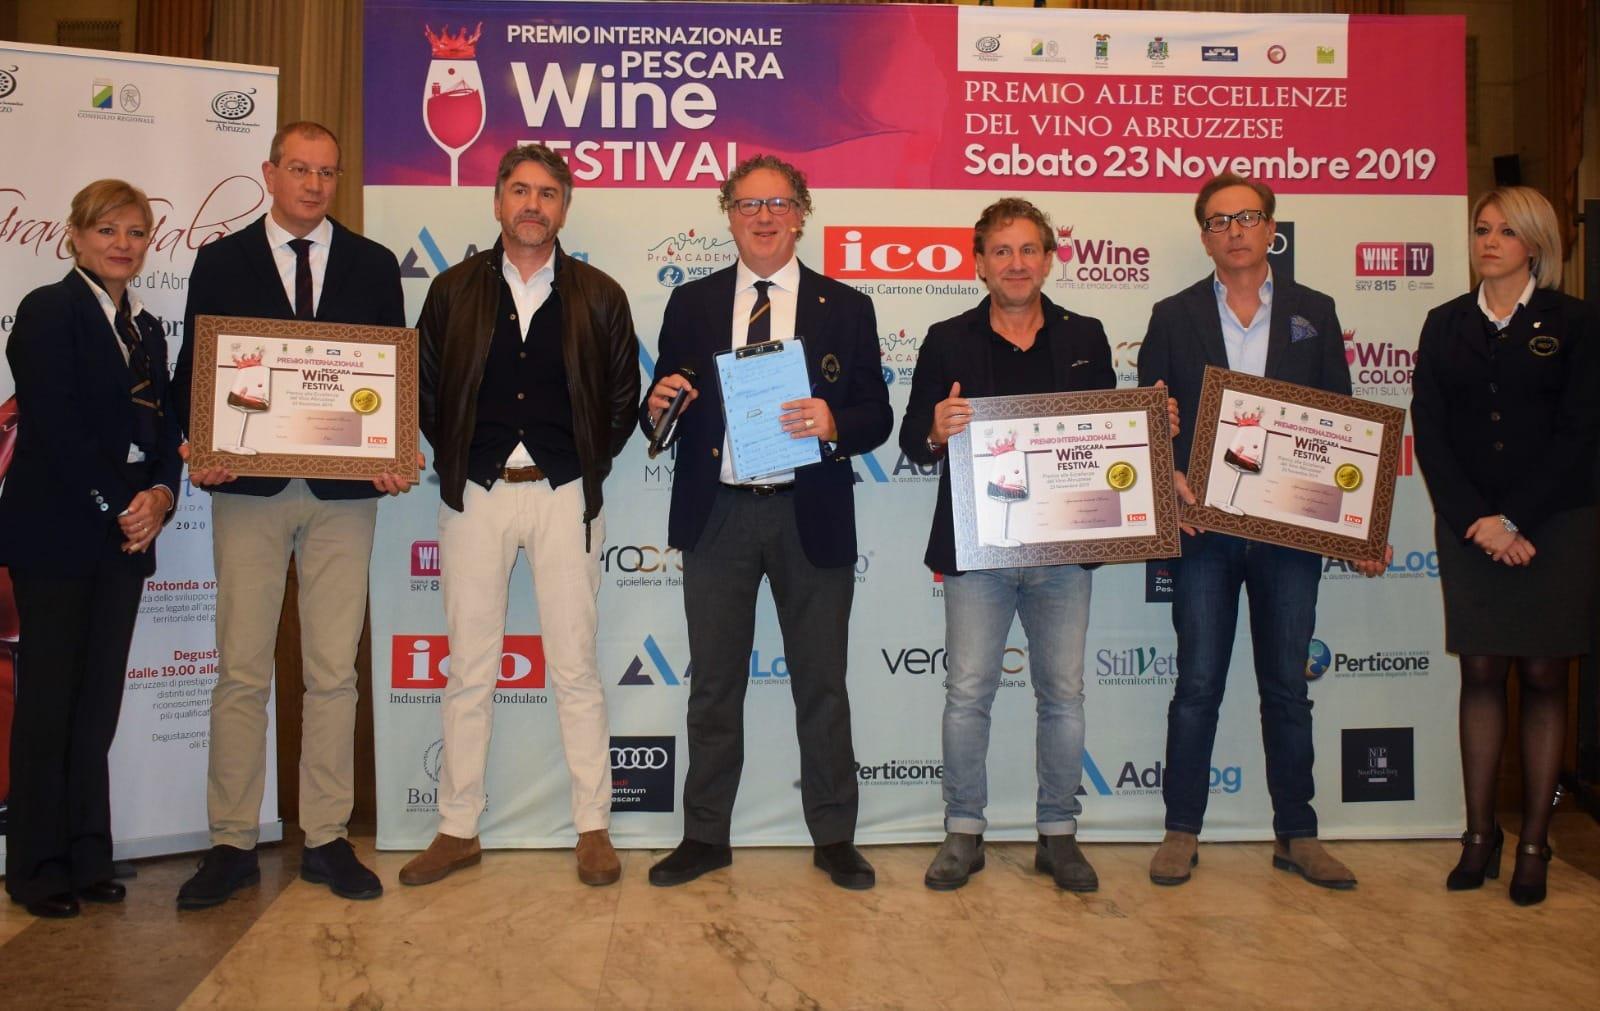 pescara wine festival 2019